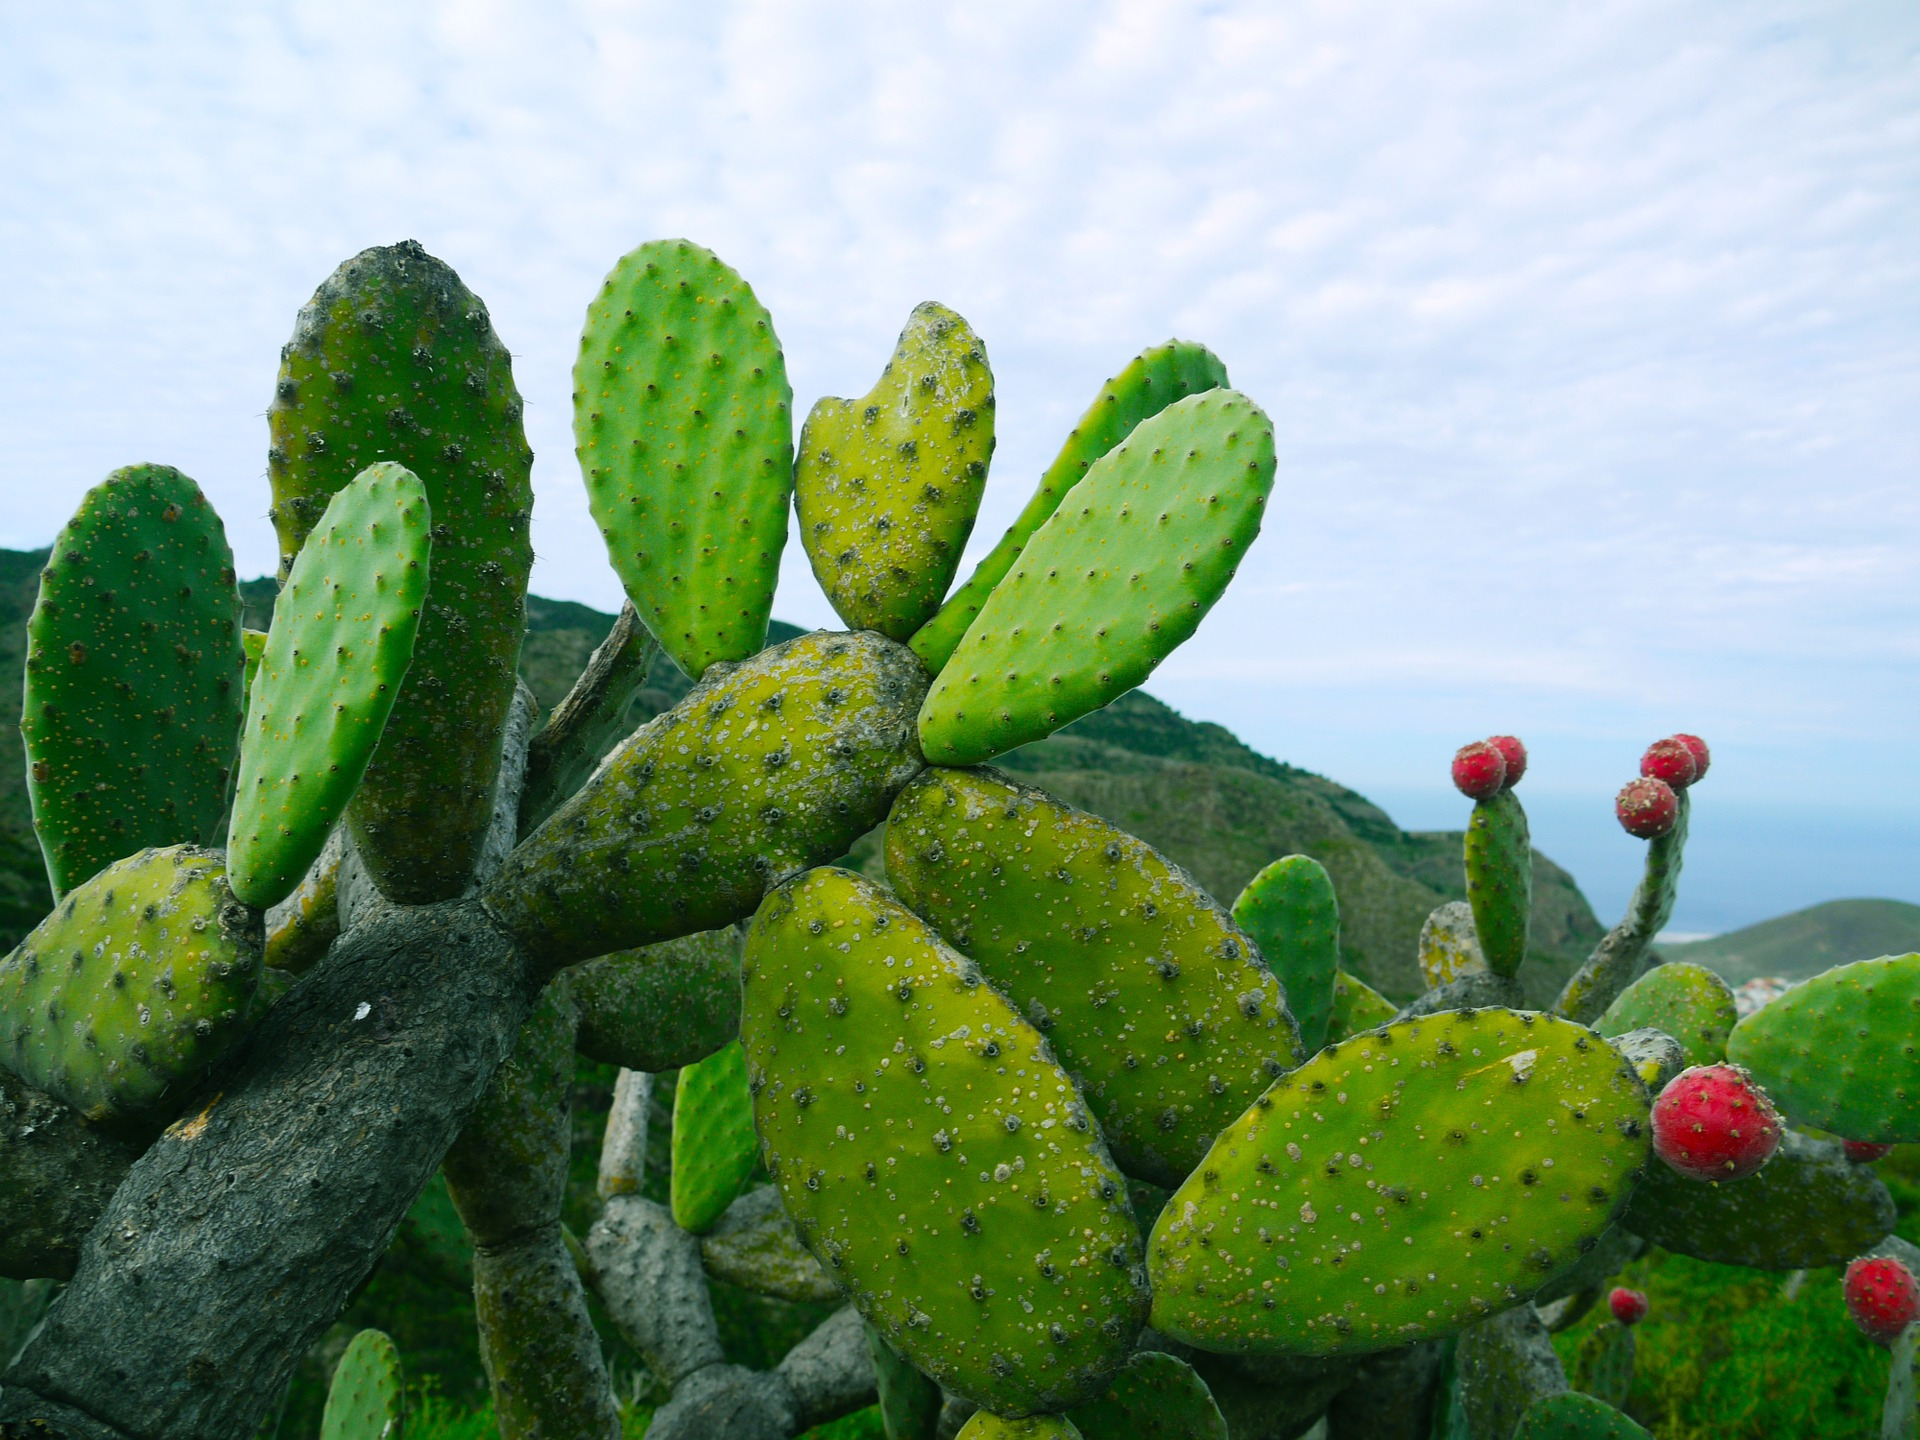 Kaktus, Sonne, Mexiko – Fiesta Mexicana als Kaktusparty